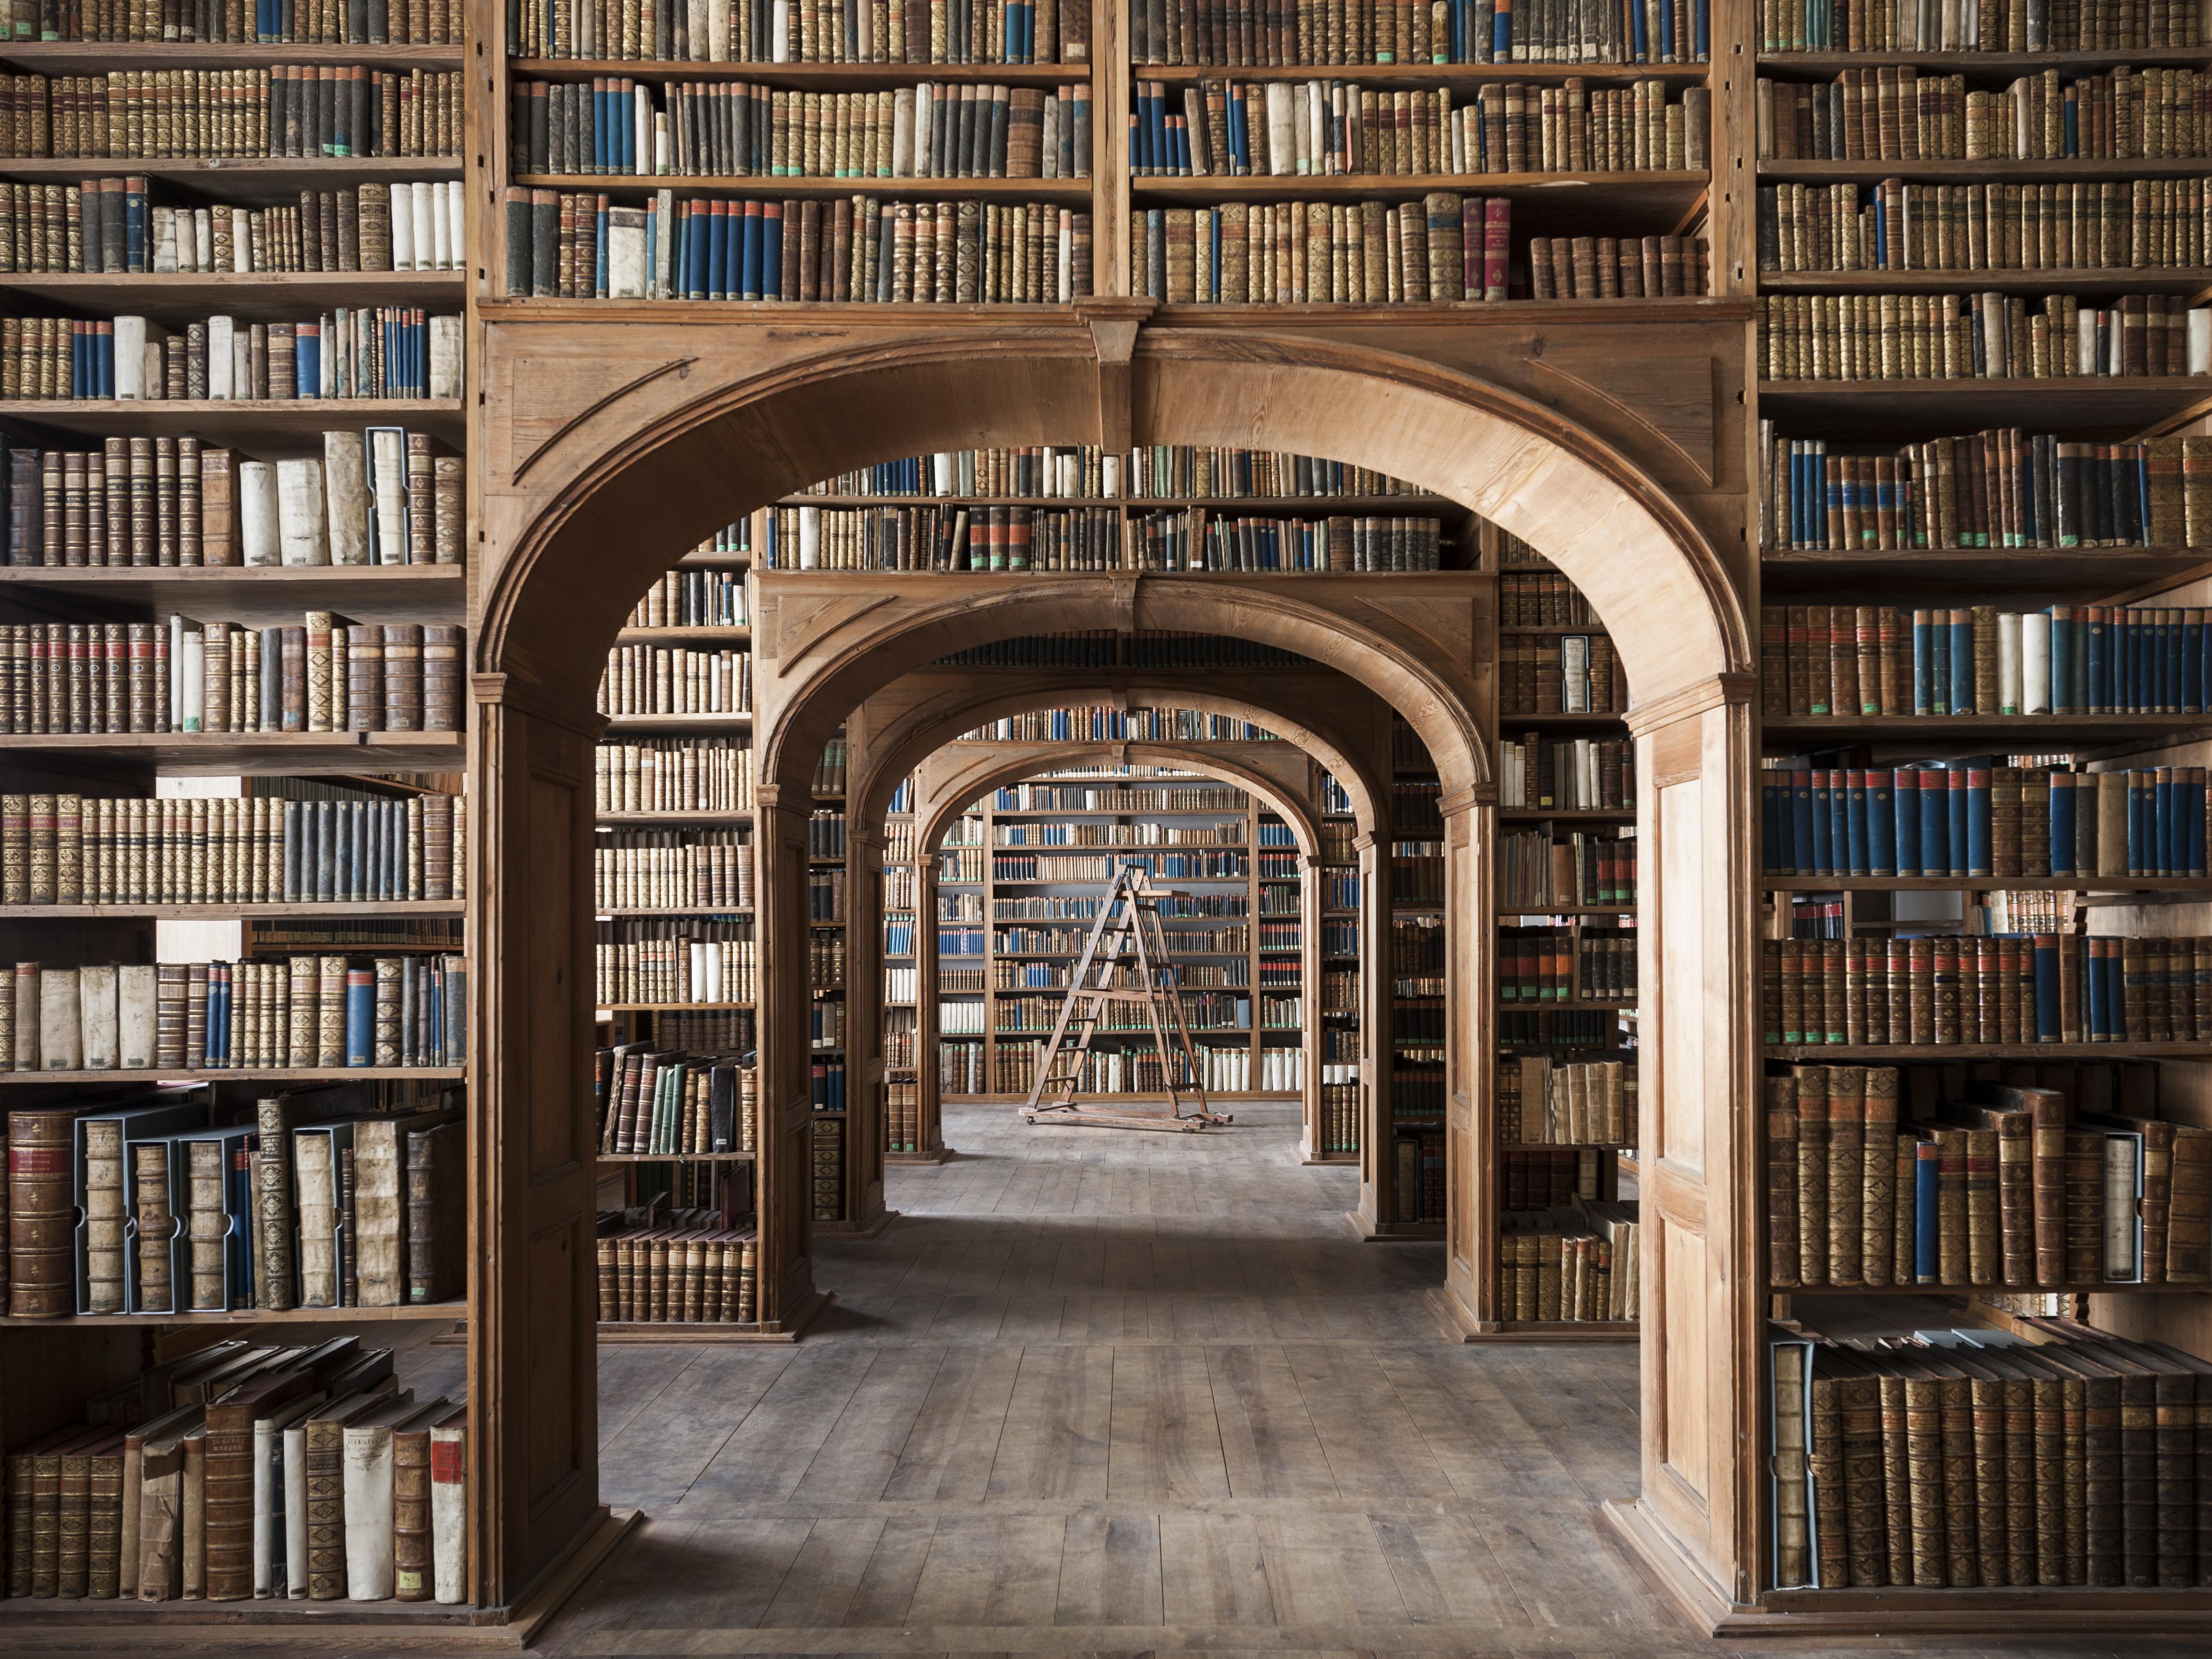 Oberlausitzische Bibliothek der Wissenschaften in Görlitz